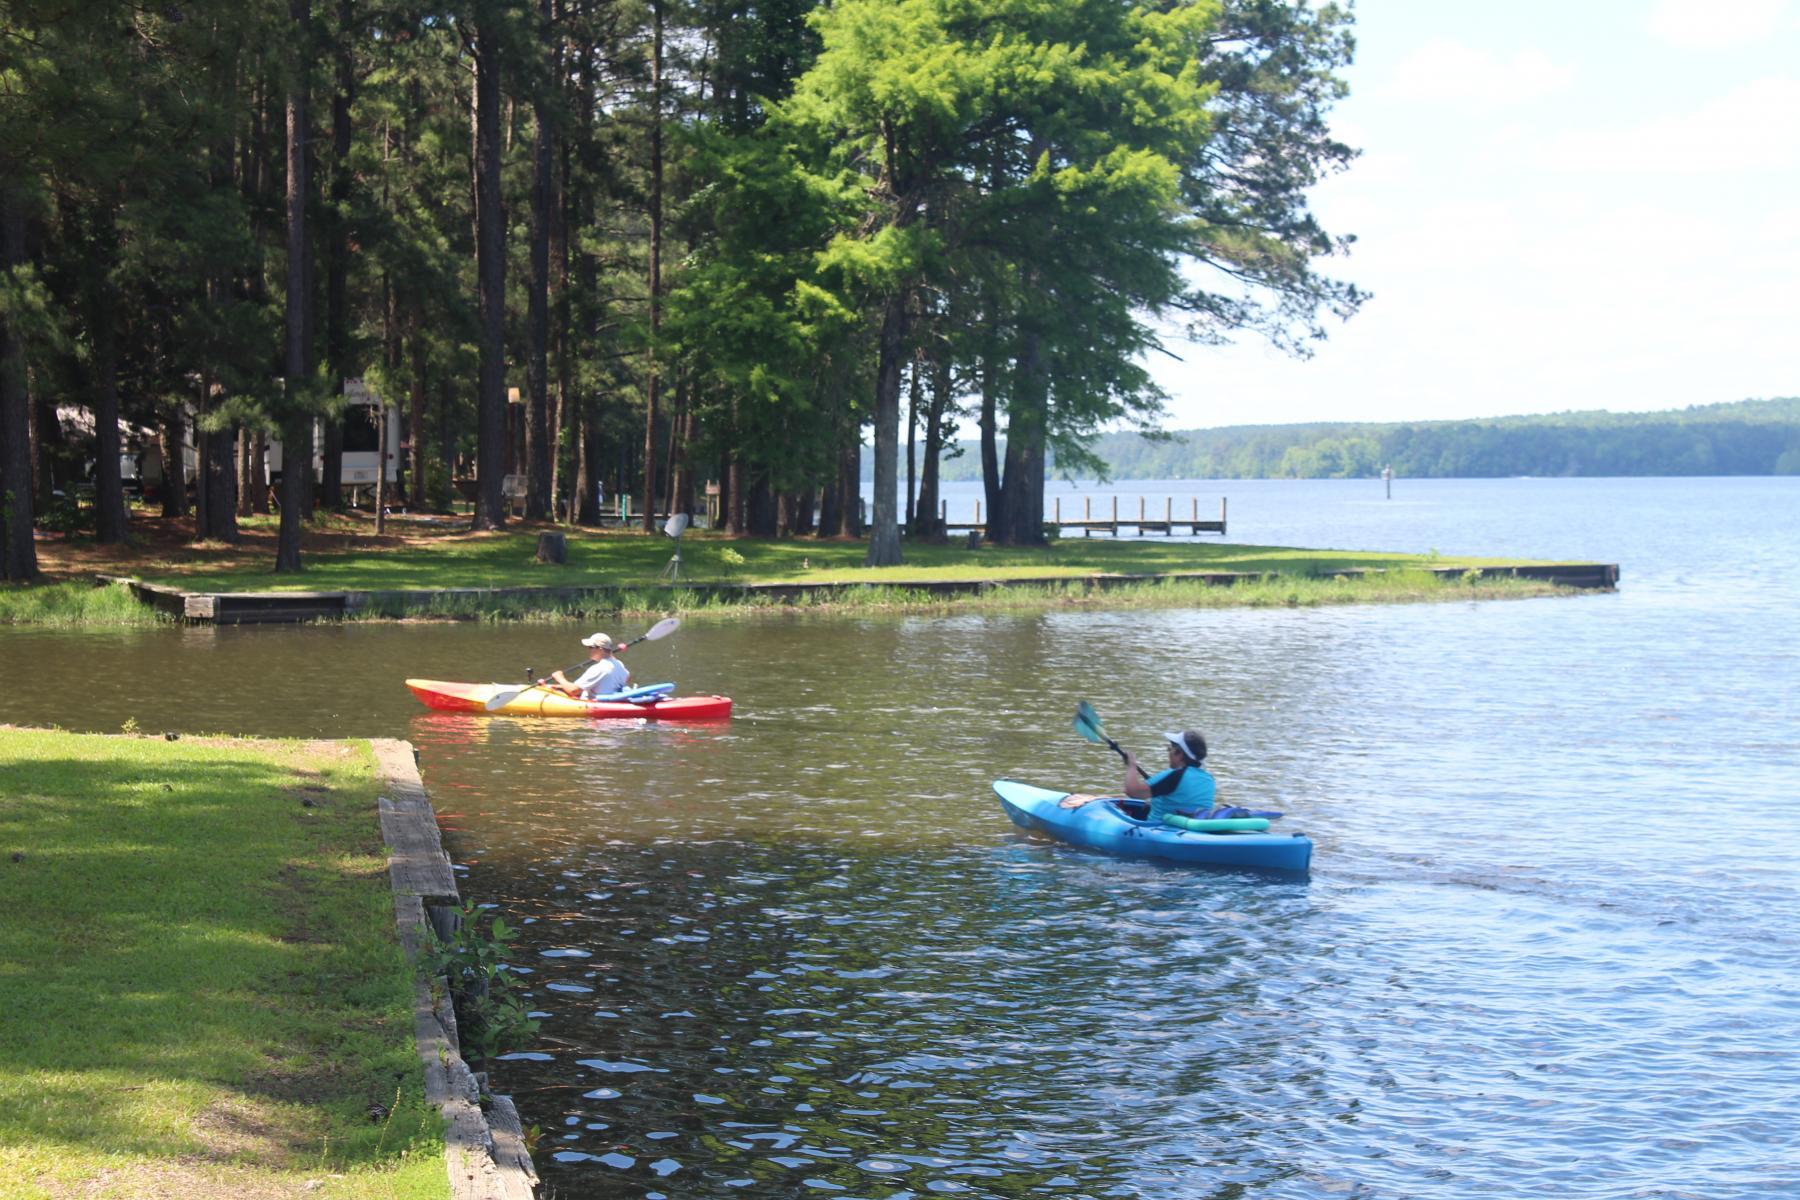 kayaking at lake claiborne